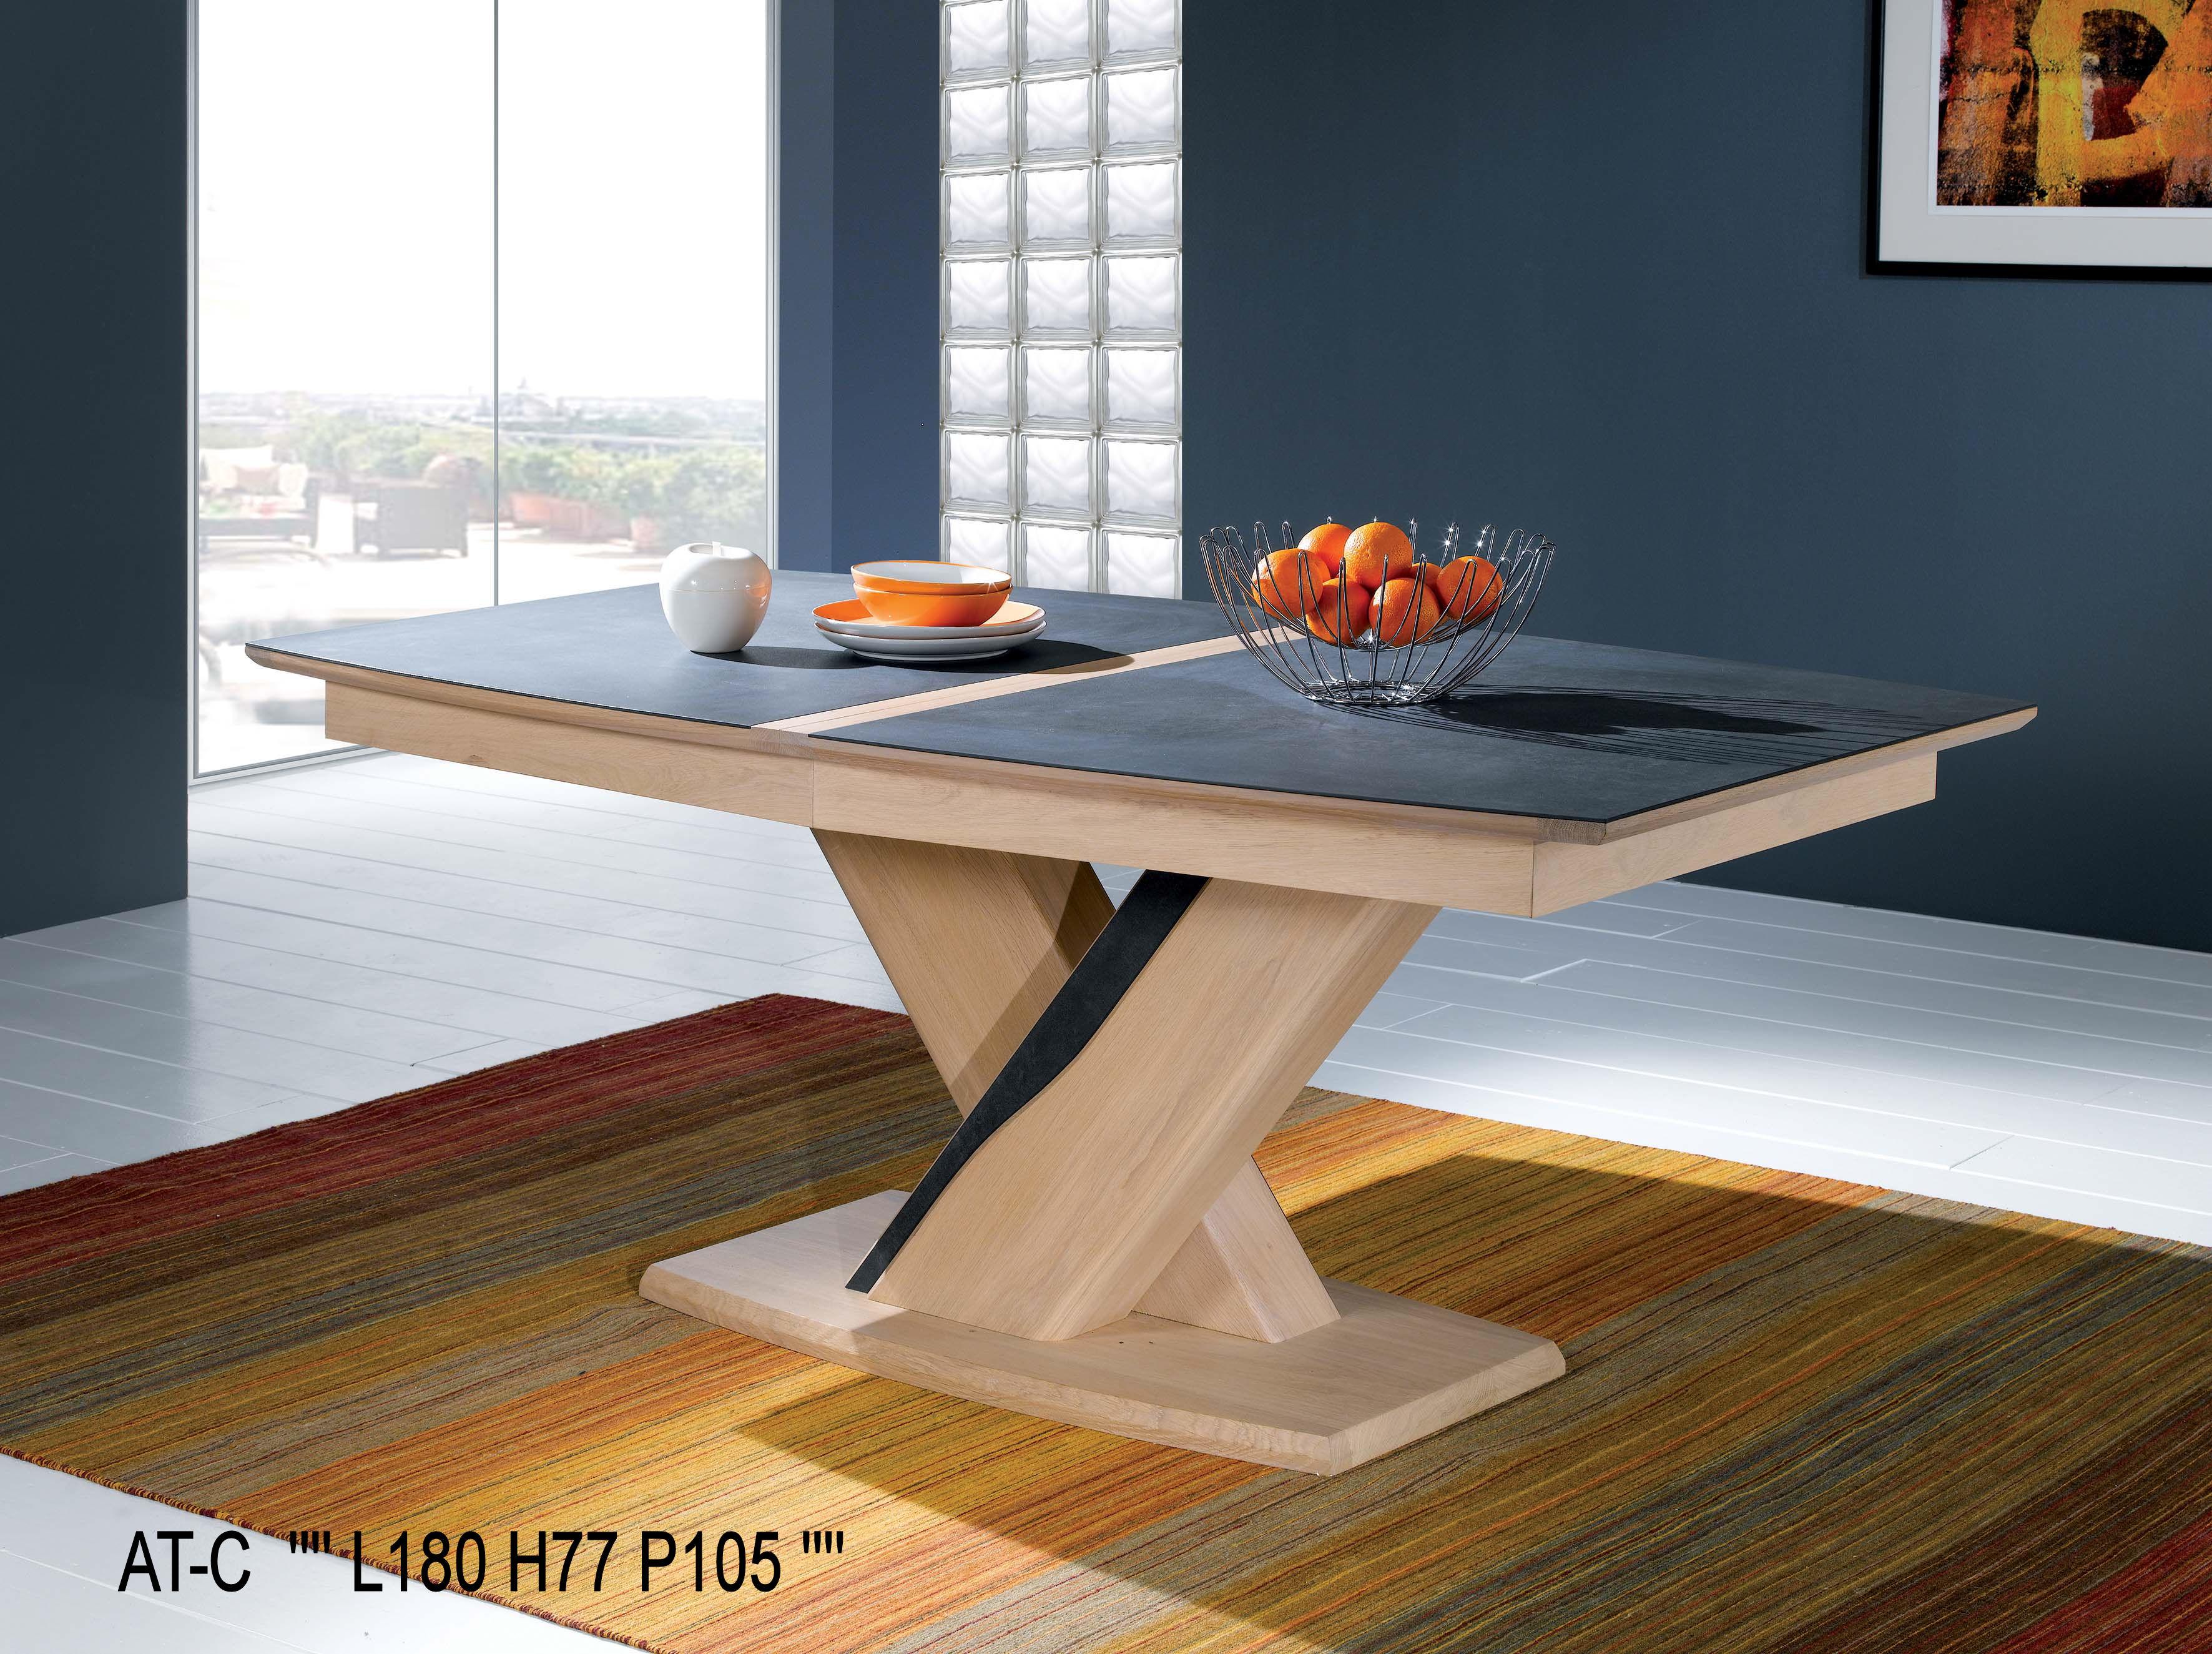 Table Tonneau Plateau Céramique Avec 1 Allonge Incorporée intérieur Table Salle A Manger Plateau Ceramique